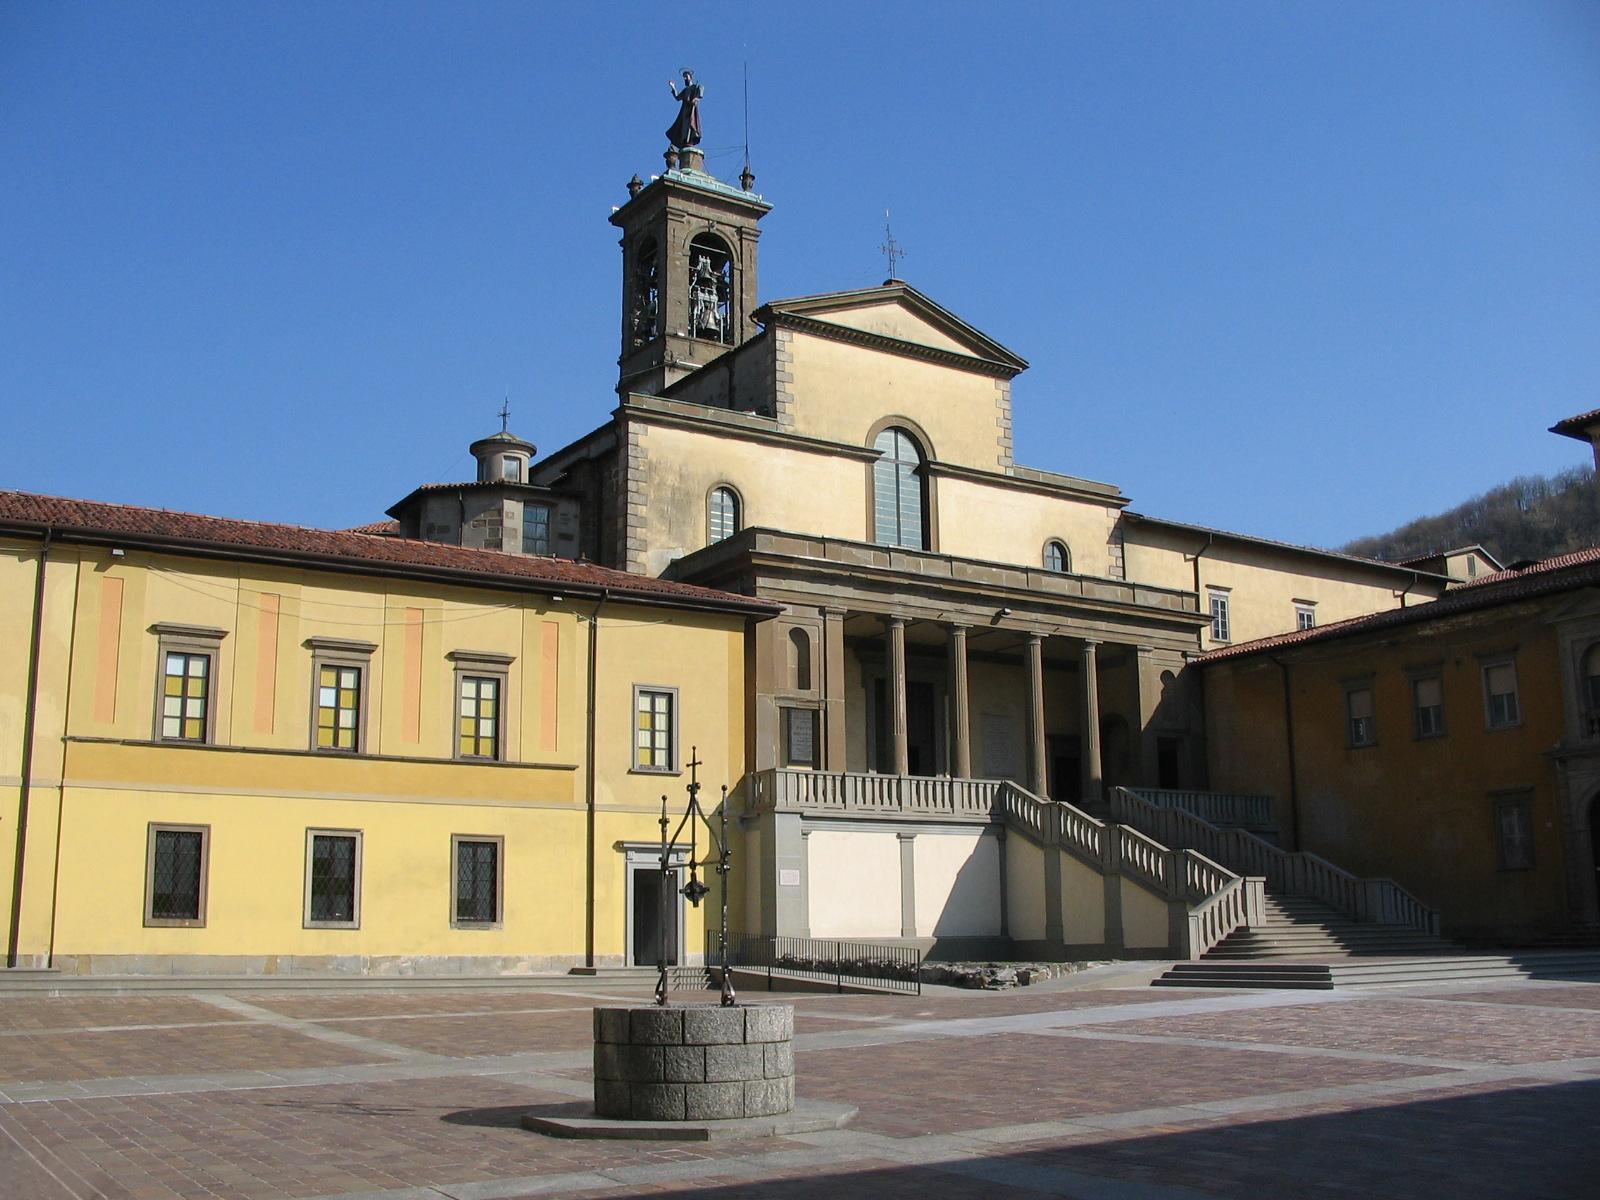 L'abbazia di Pontida, altrimenti nota anche come Monastero di San Giacomo Maggiore, si trova nel territorio dell'omonimo comune in provincia di Bergamo.